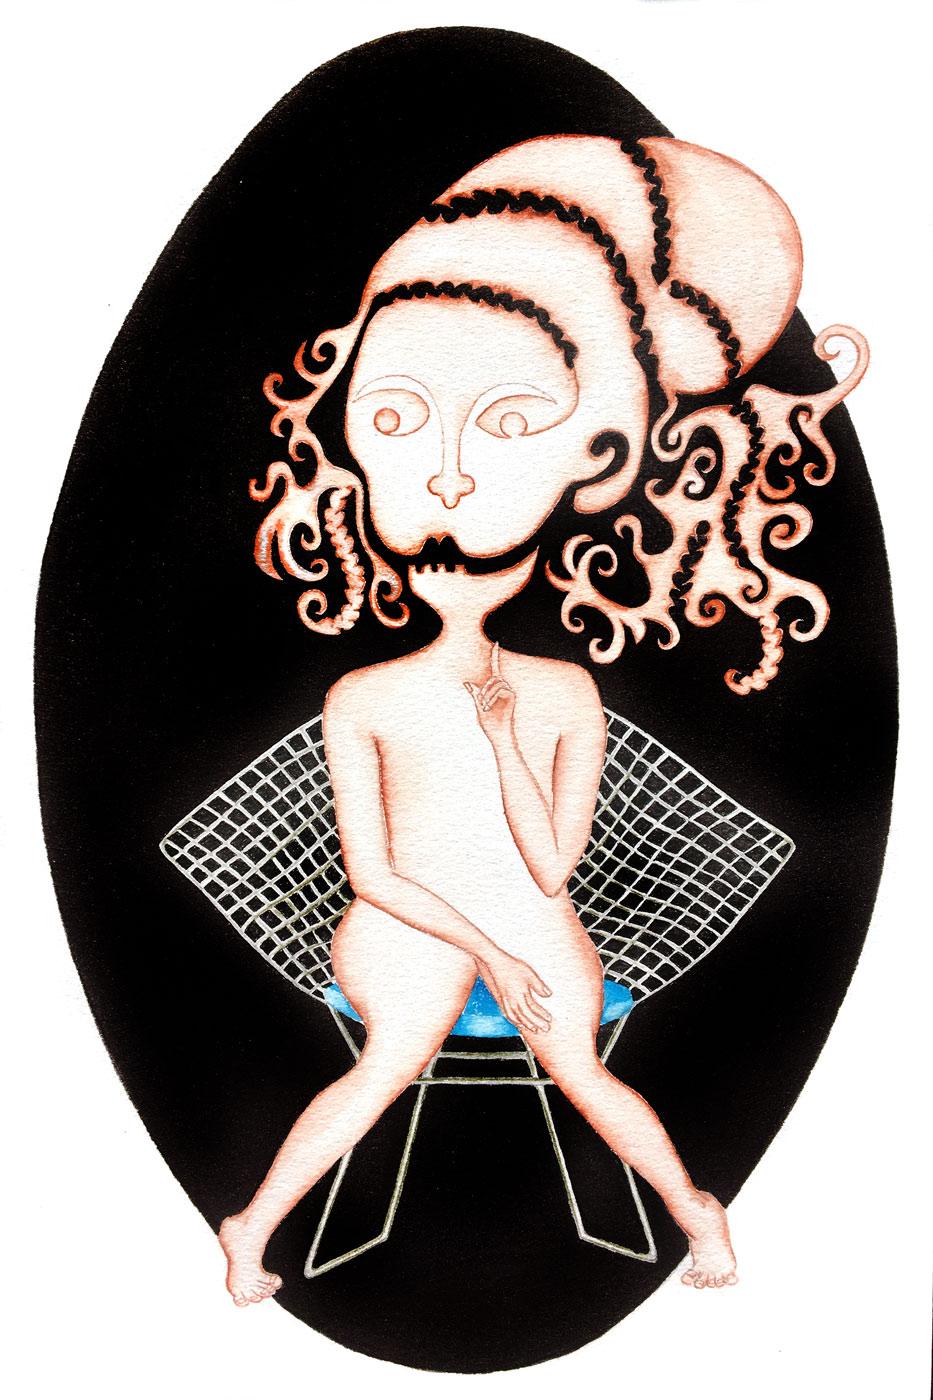 Vierge sur un fauteuil bertoya | 2018 <br/>30 x 20 cm